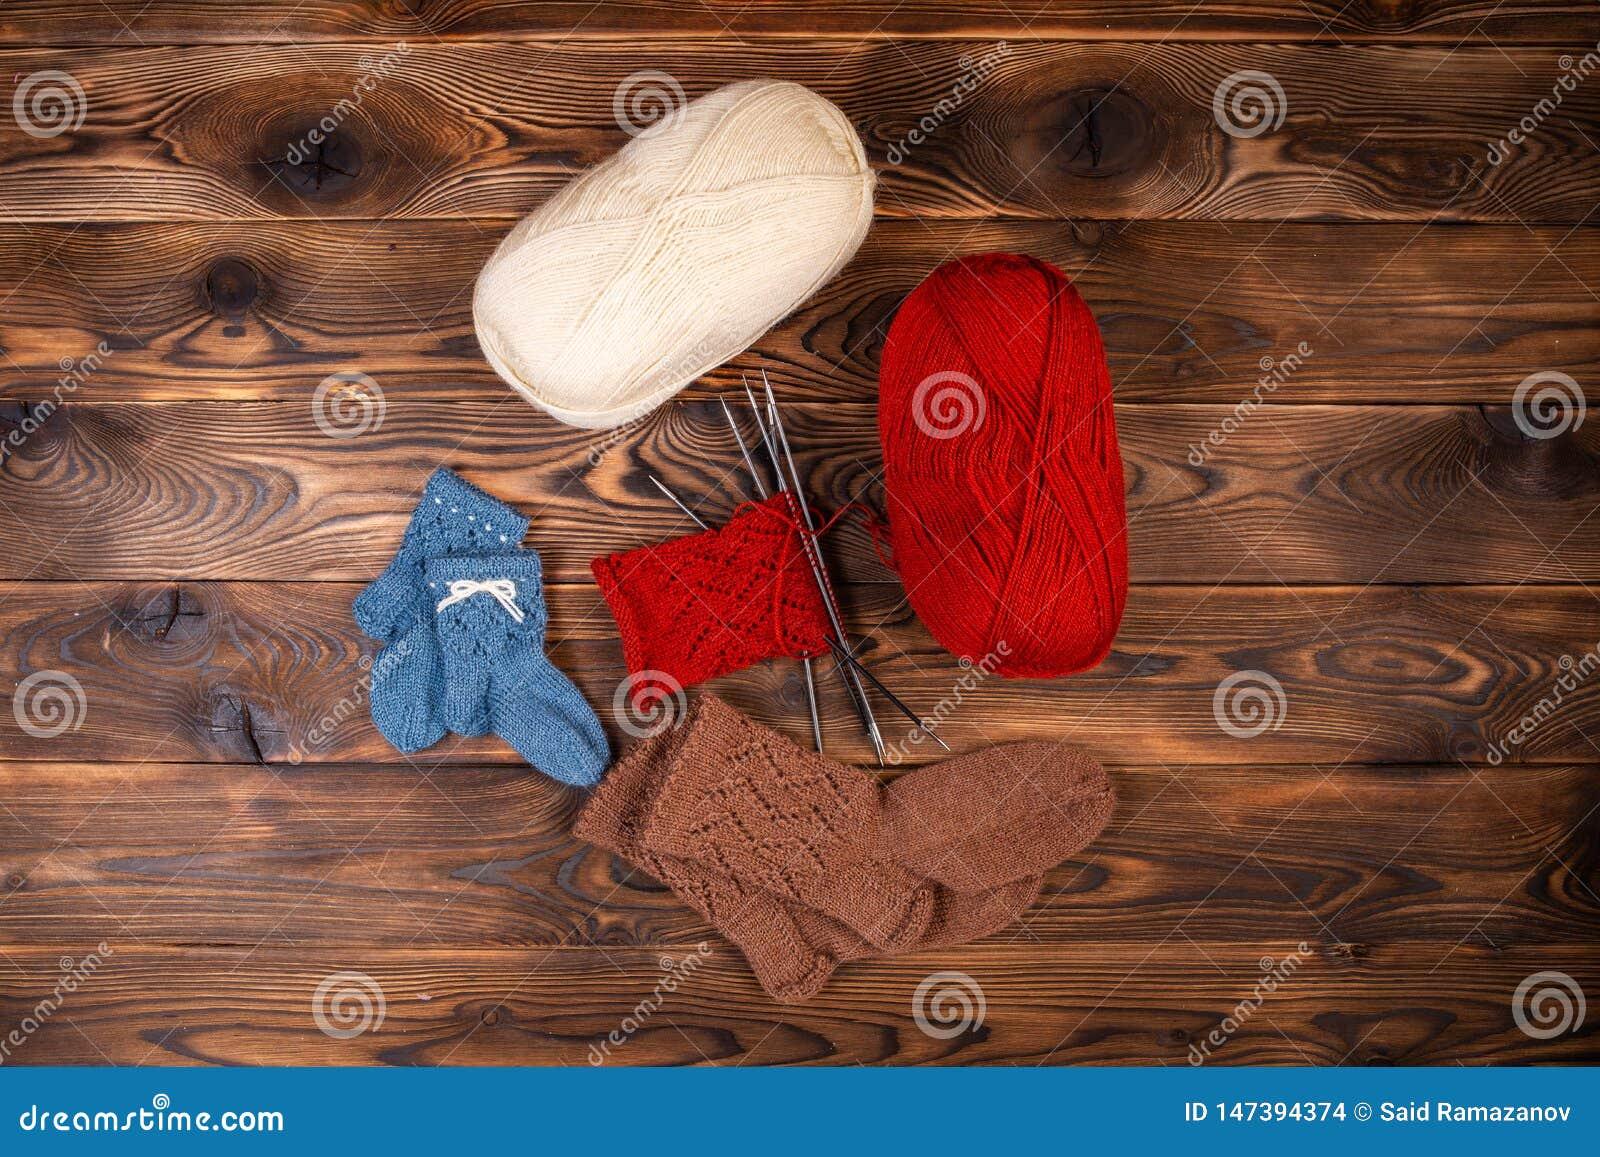 Rote und weiße farbige Bälle des Fadens, der Stricknadeln und der gestrickten Socken auf einem hölzernen Hintergrund